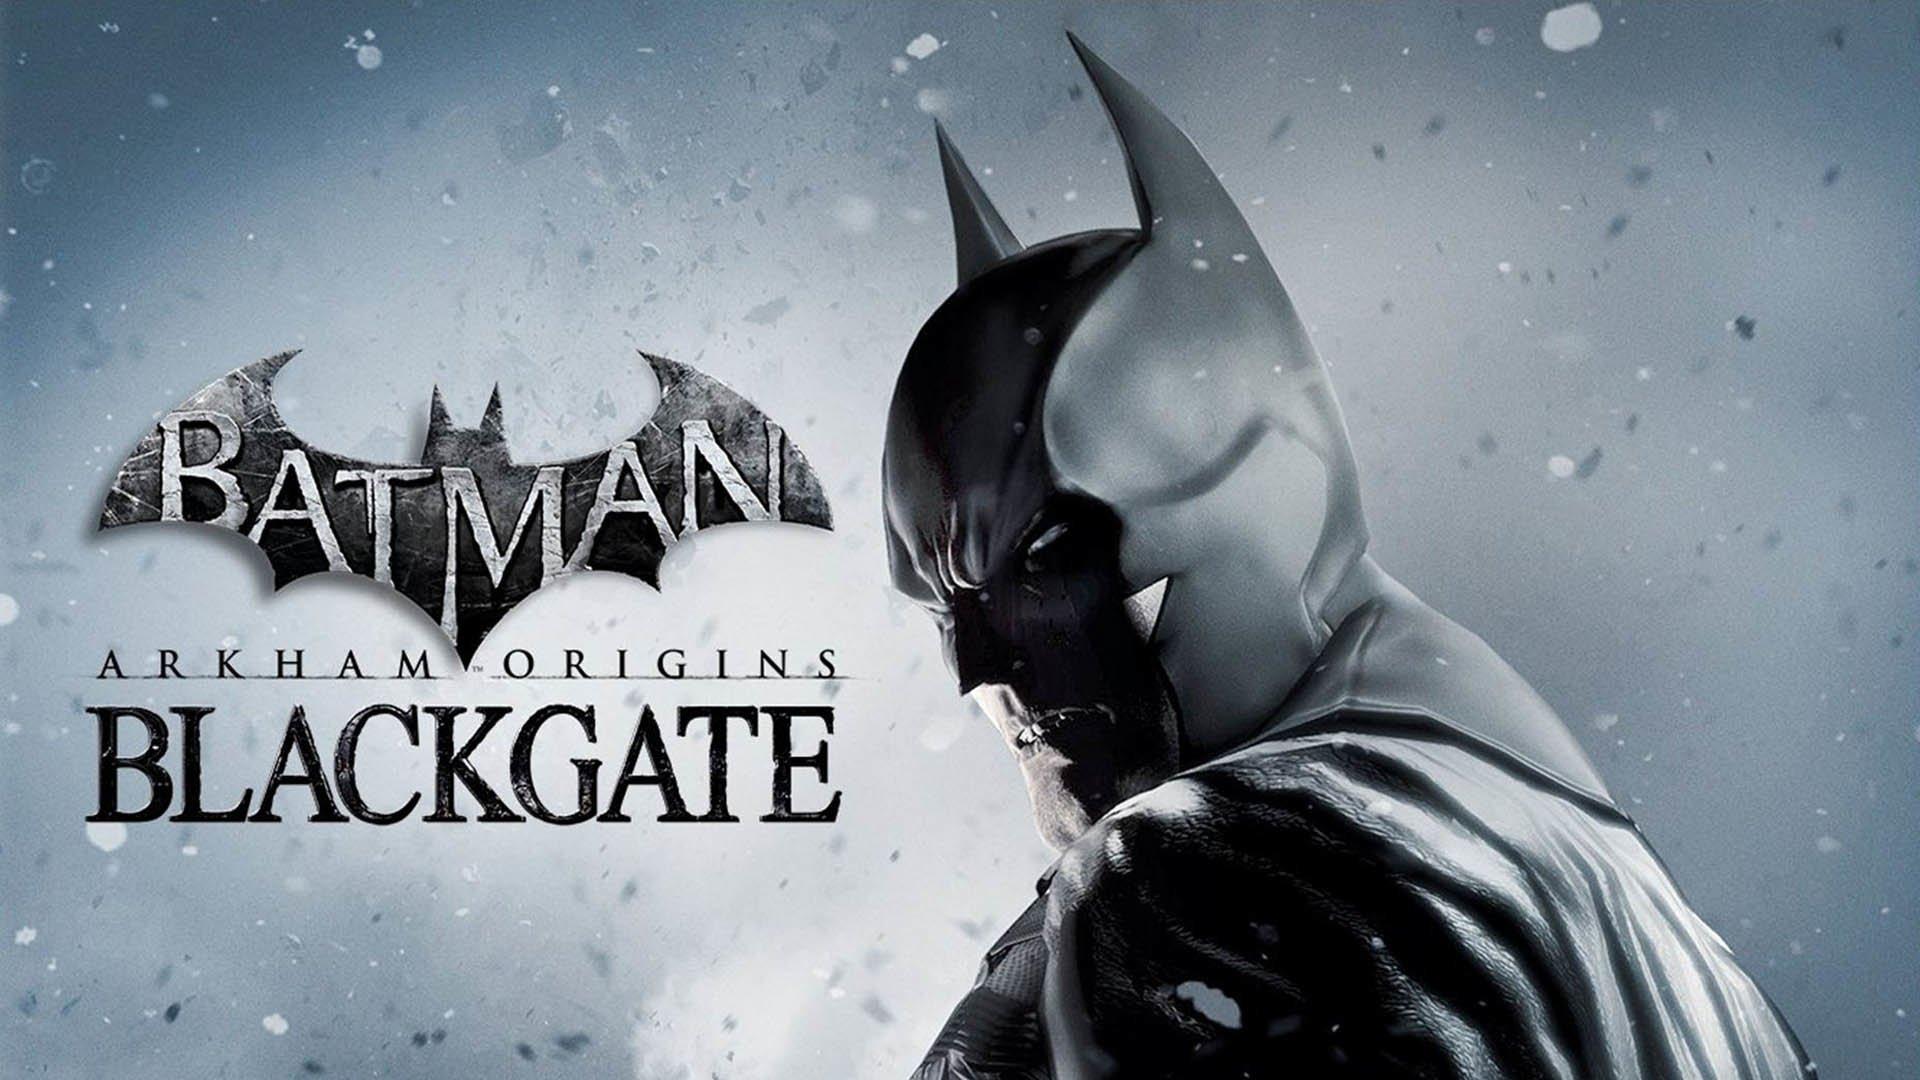 Batman Arkham Origins Blackgate HD Wallpaper